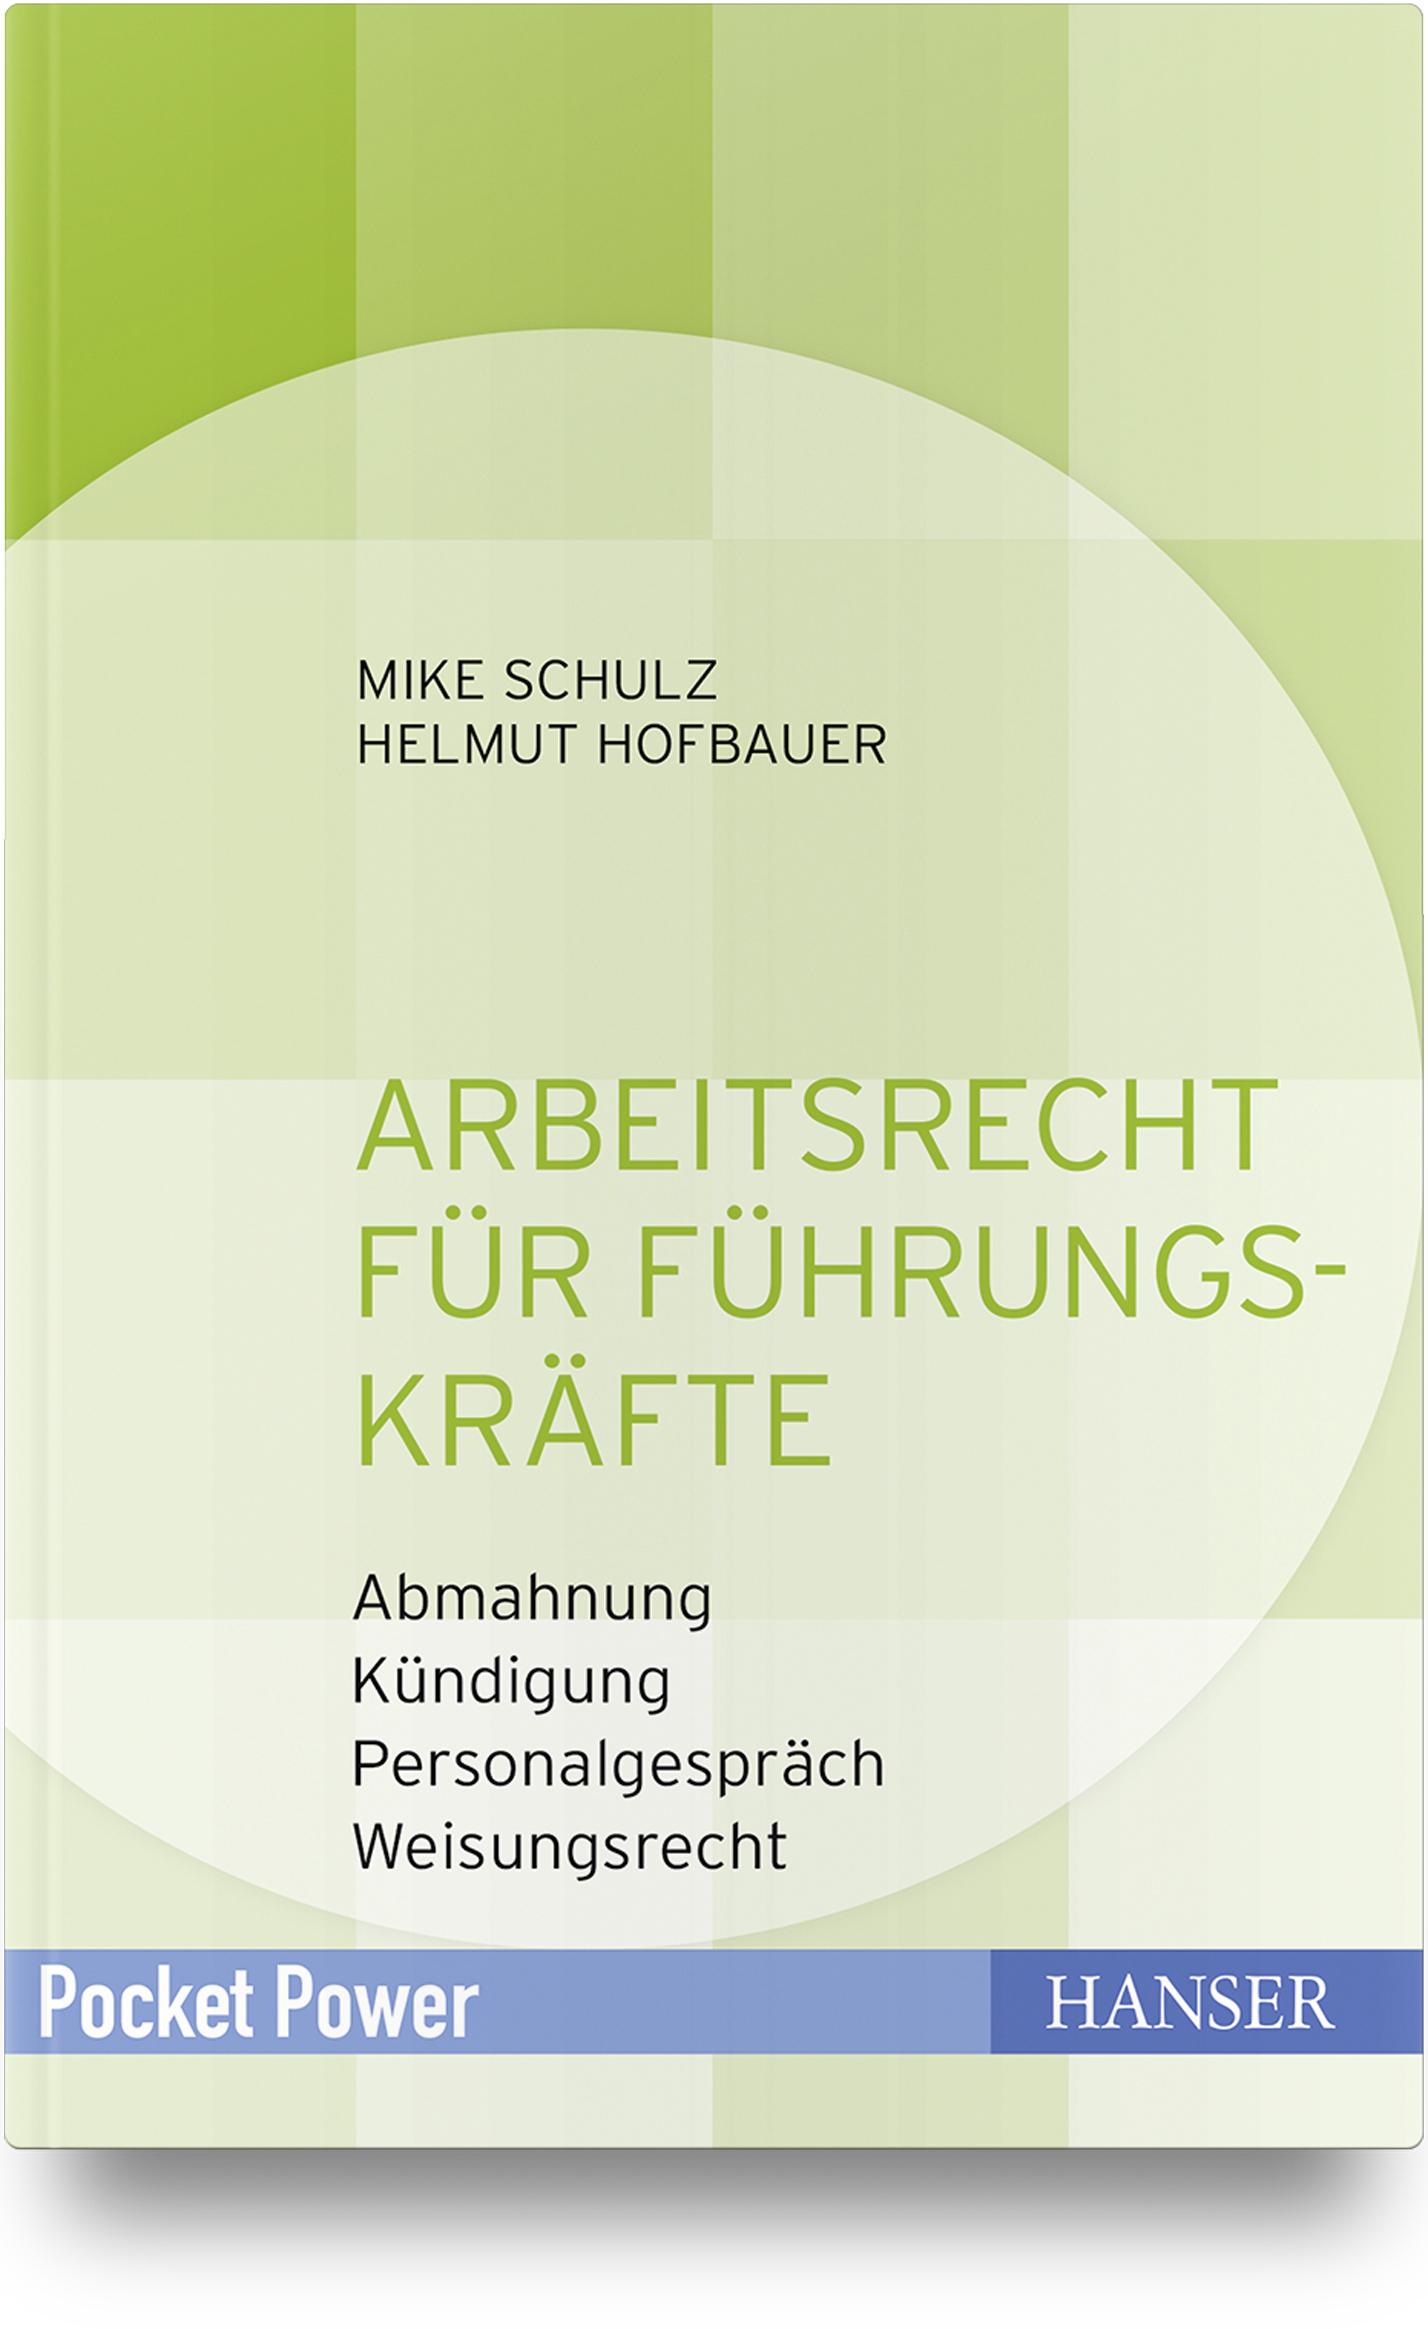 Schulz, Hofbauer, Arbeitsrecht für Führungskräfte, 978-3-446-45188-9